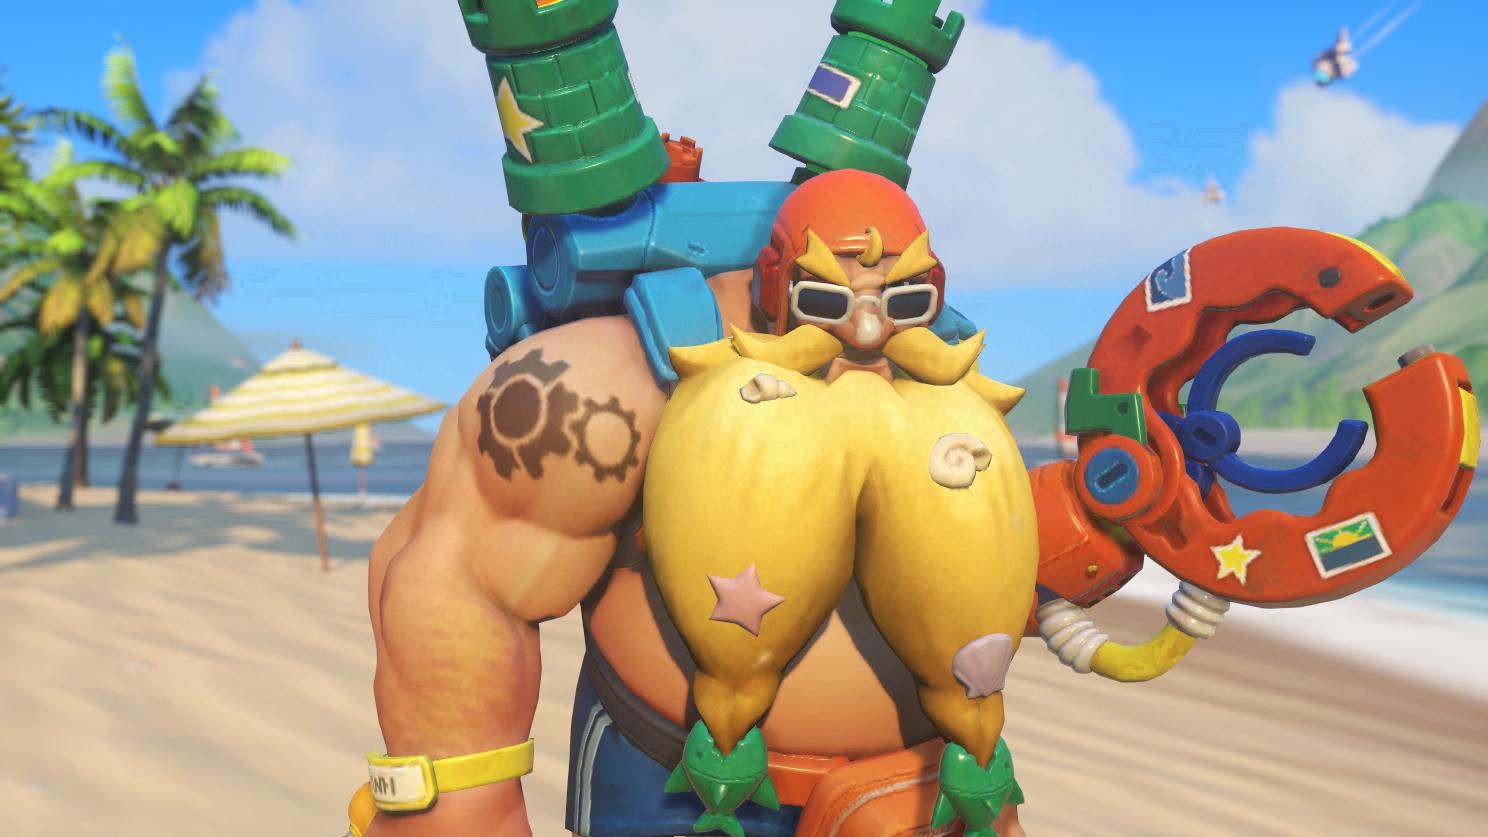 Les Jeux d'été dans Overwatch du 16 juillet au 5 août 2019